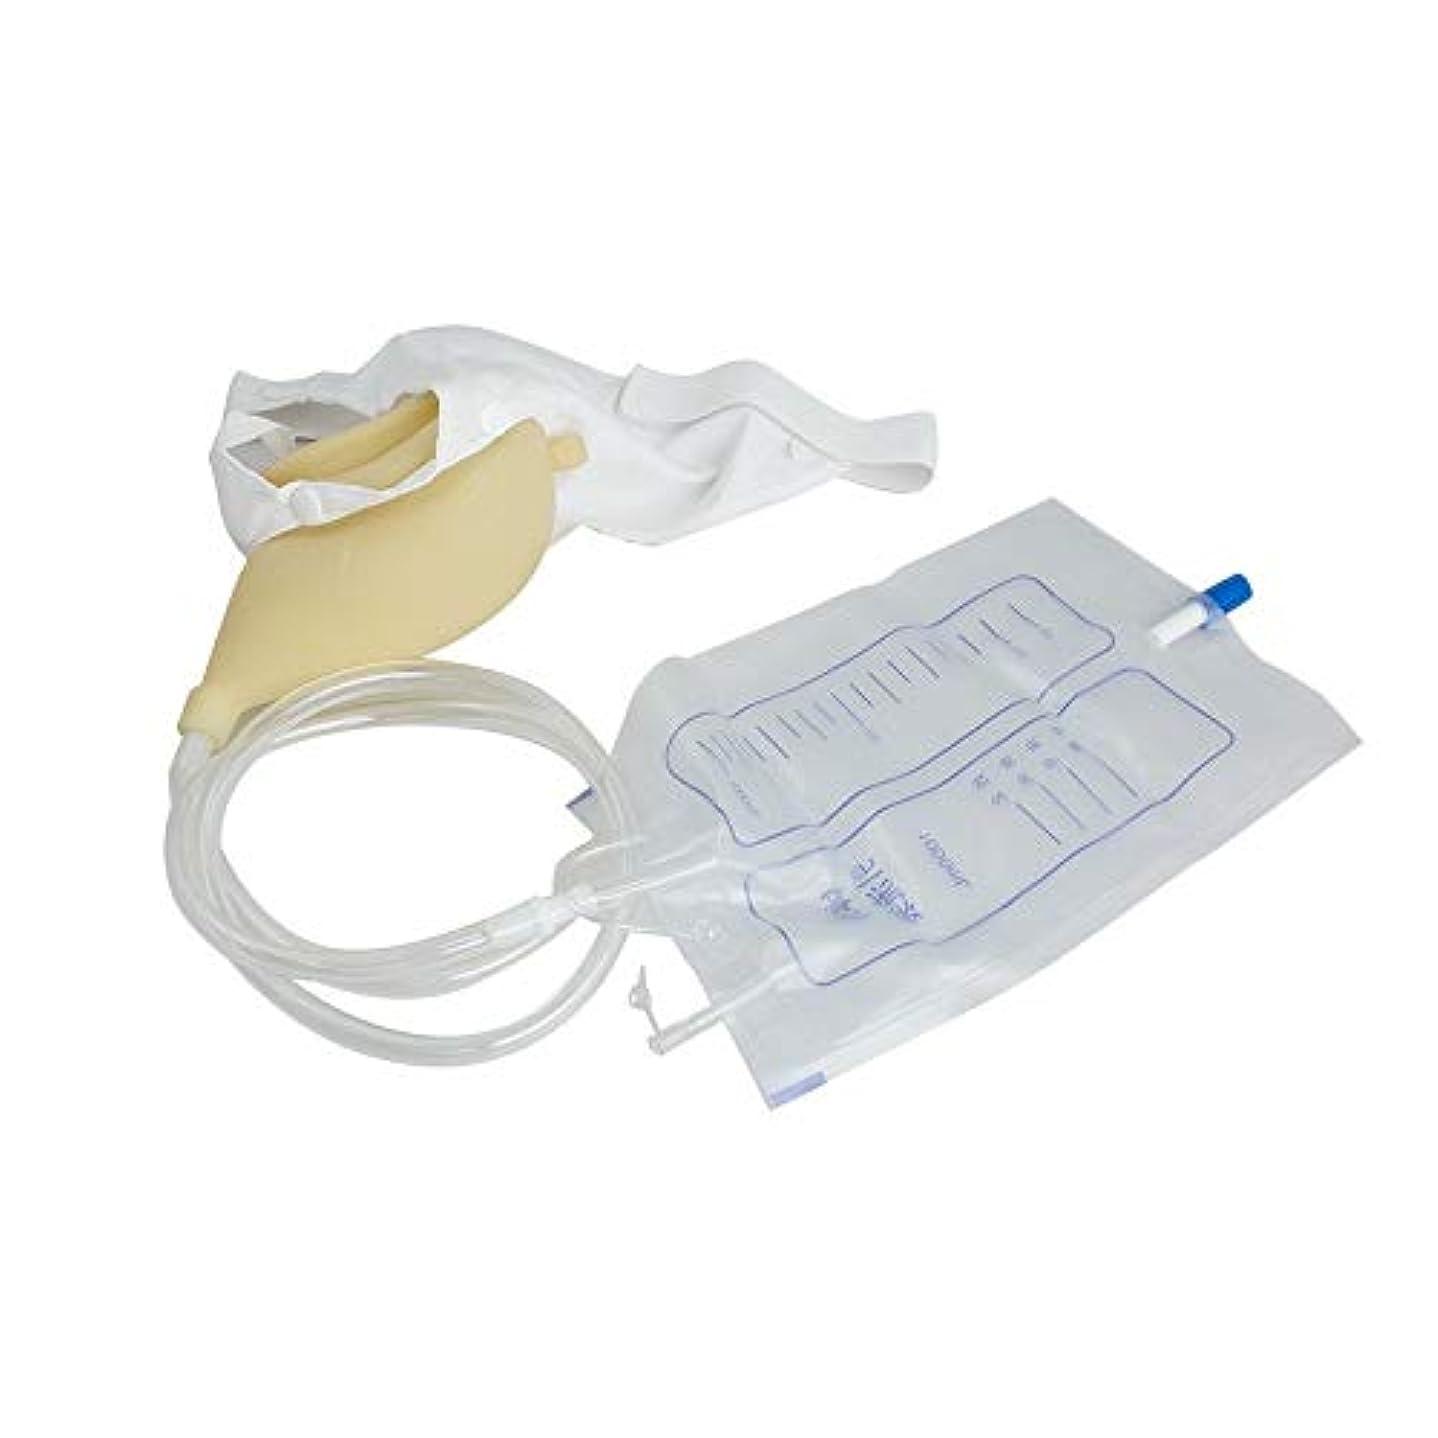 リーフレットコーチビリーヤギウェアラブル便器尿バッグコレクター、ポータブル便器、トイレ弾性ウエストバンド1000ミリリットル再利用可能なおしっこバッグ (Color : Women)